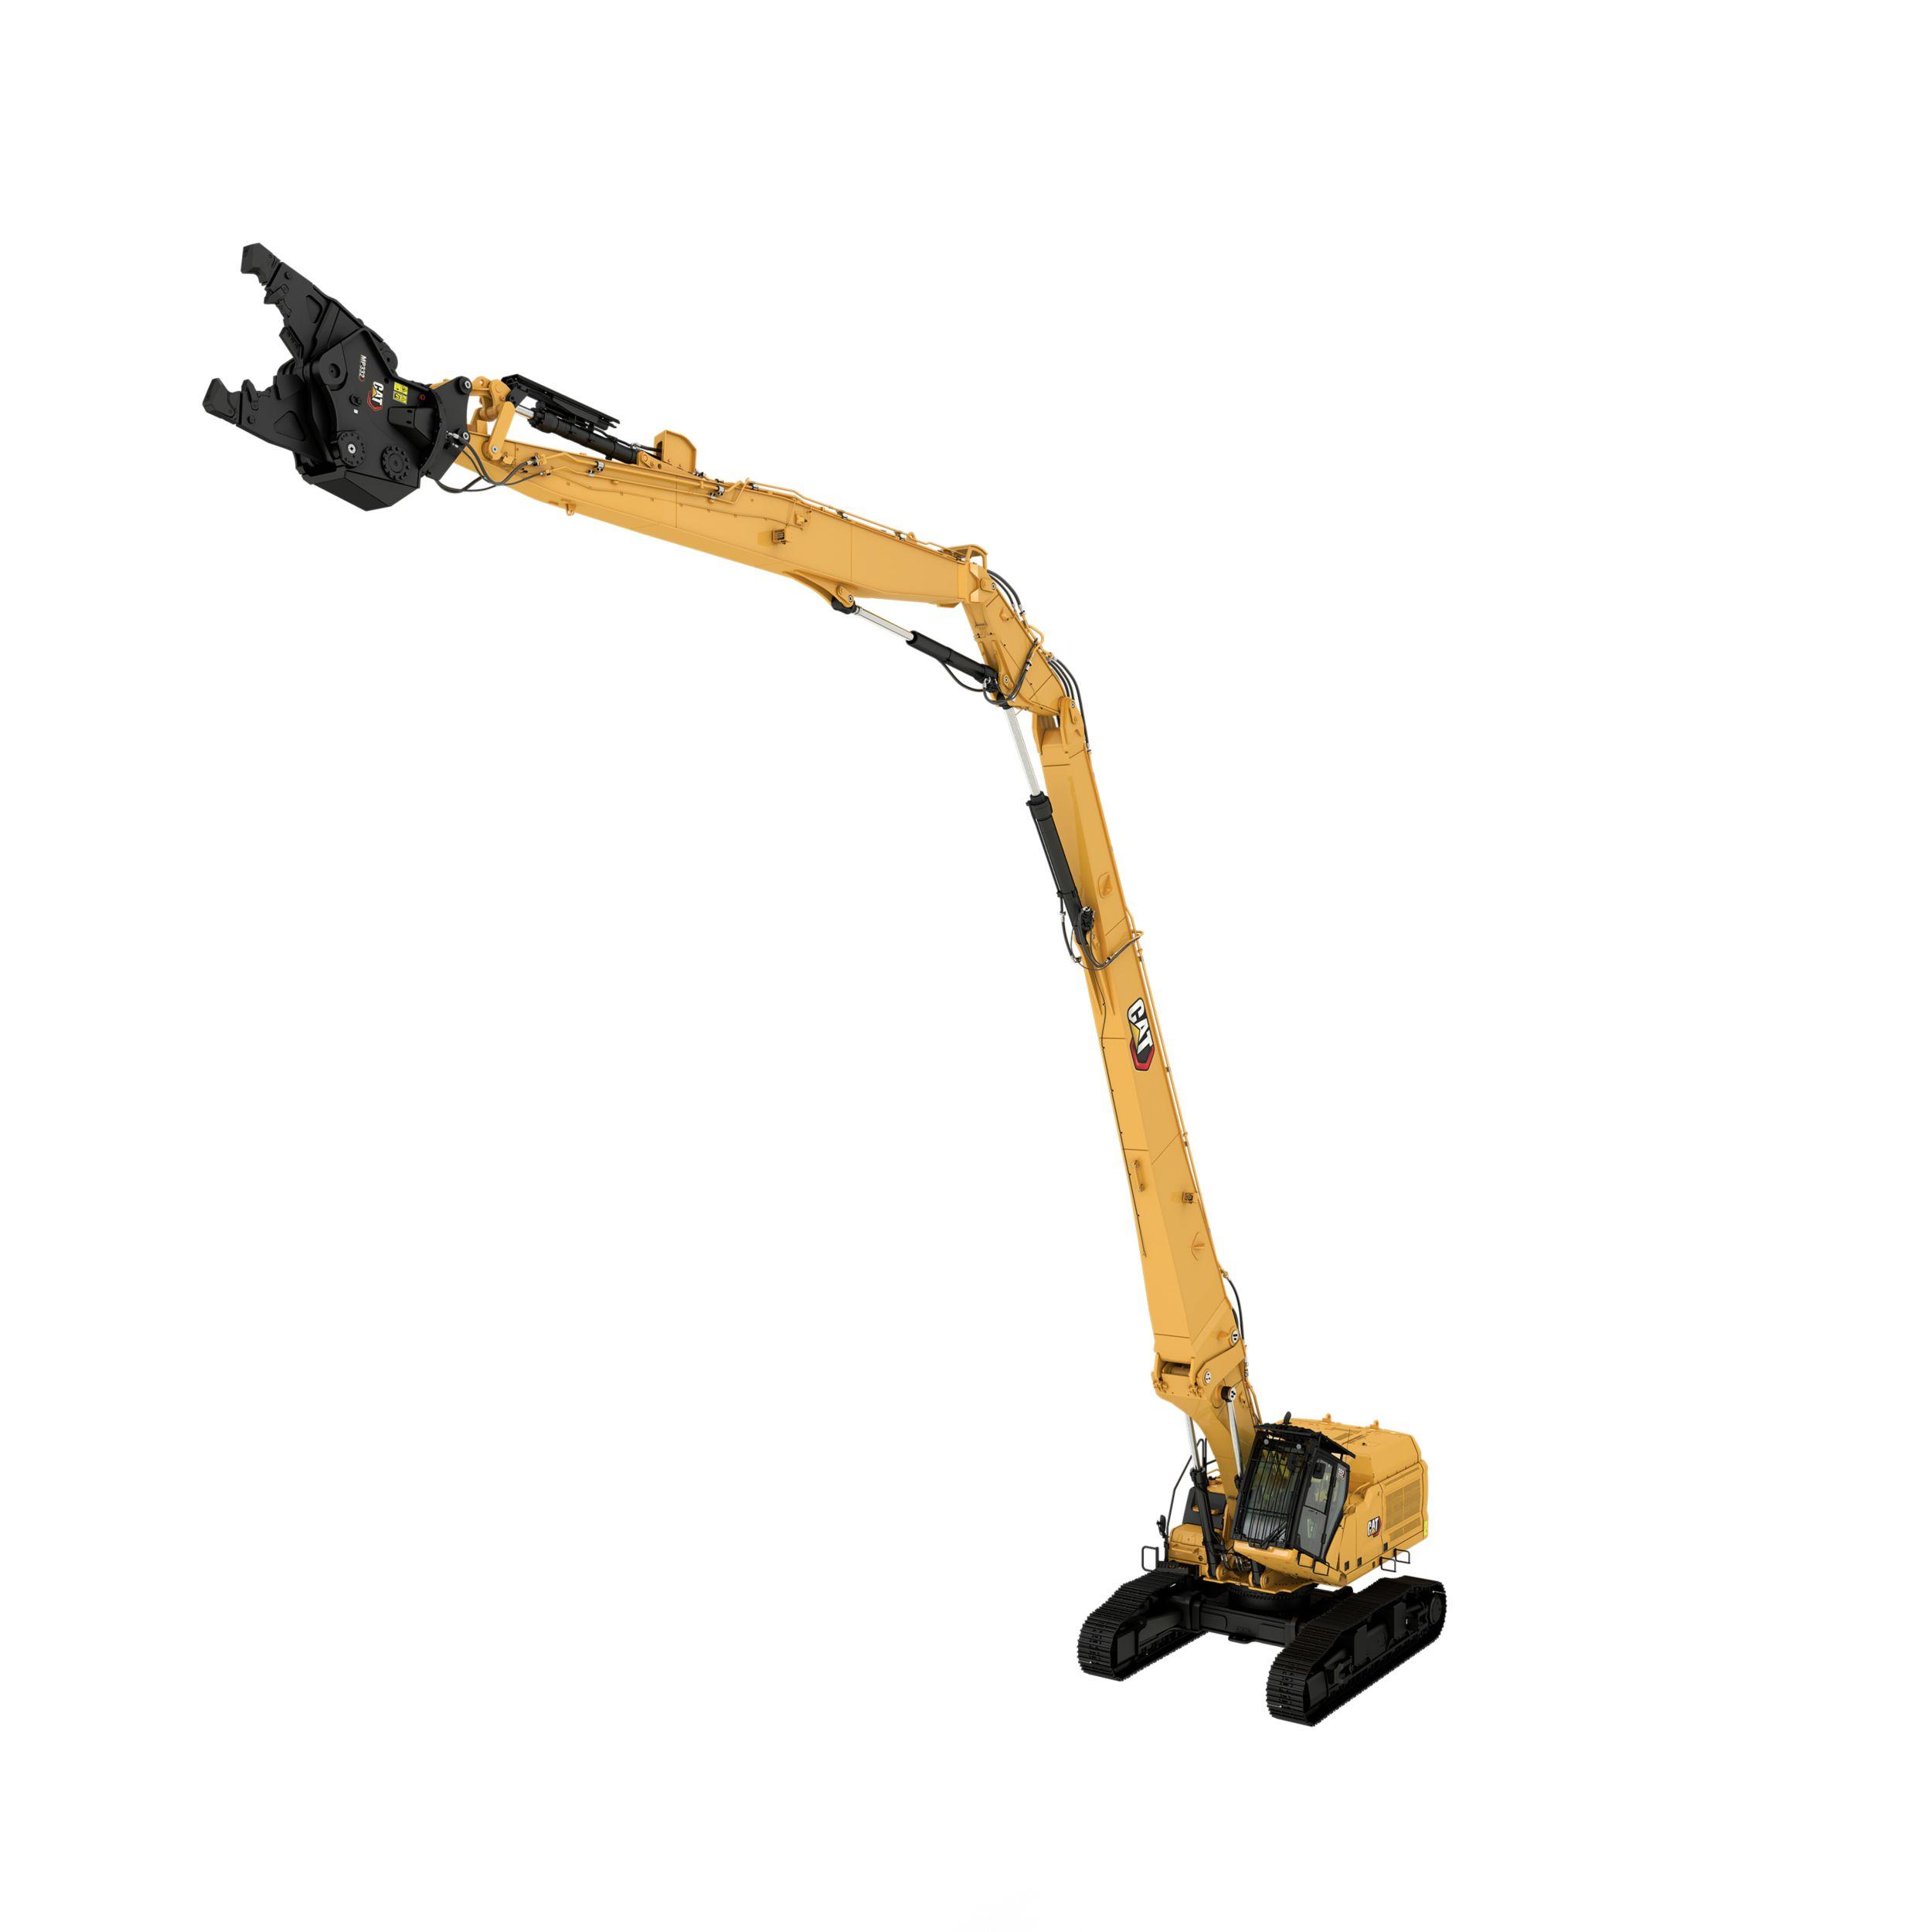 Cat 352 UHD excavator